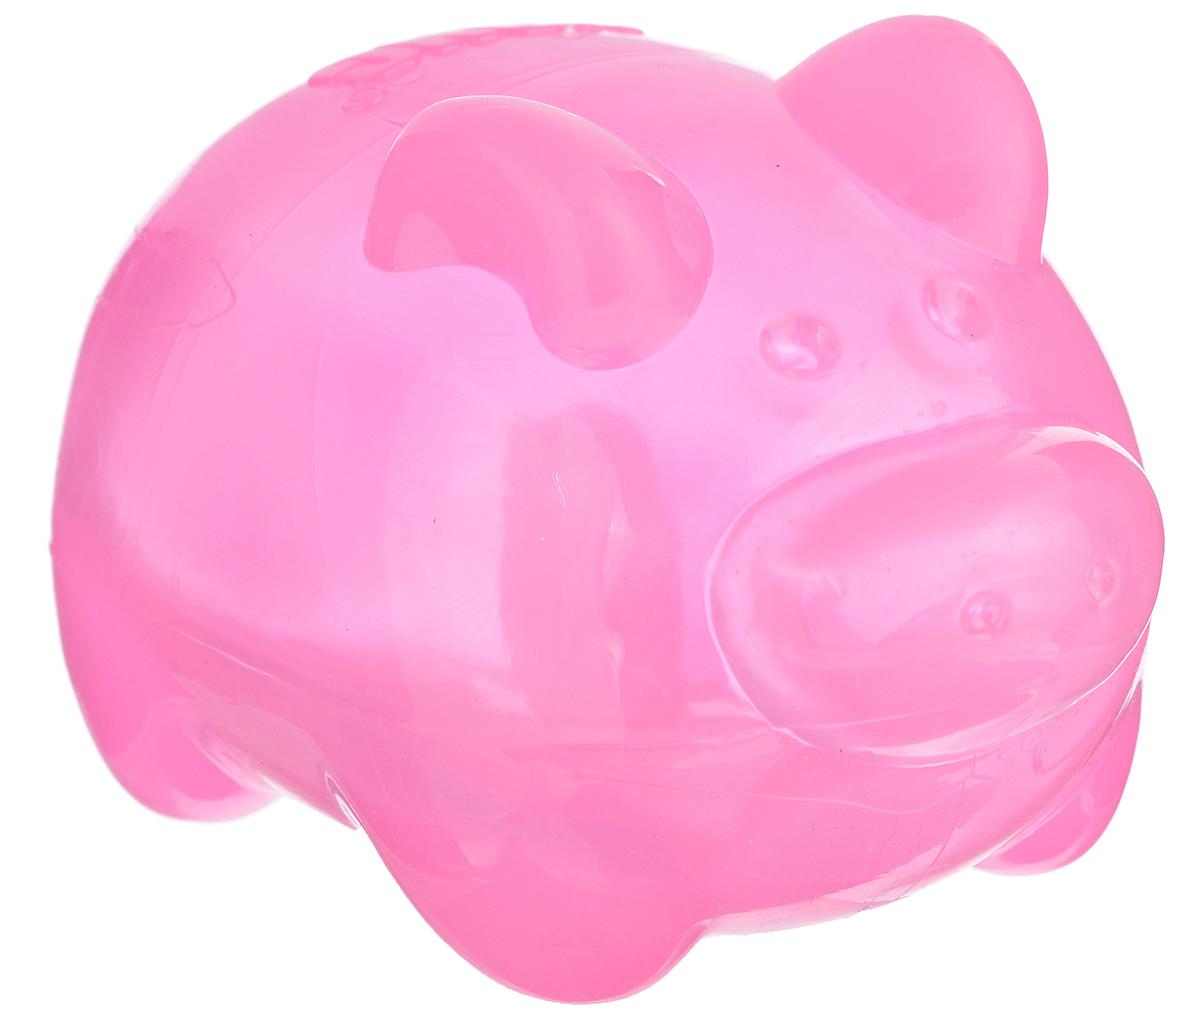 Игрушка для собак Kong Сквиз Джелс. Свинка, с пищалкой, цвет: розовый, 6 см х 6 см х 9,5 смPSJ1AE_свинка, розовыйИгрушка Kong Сквиз Джелс. Свинка выполнена из качественной синтетической резины. Пищалка спрятана таким образом, чтобы собака не могла вынуть ее. Такая игрушка отлично отскакивает от земли. Изделие предназначено для собак крупных пород. Яркий дизайн привлечет внимание вашего любимца и займет его на долгое время.